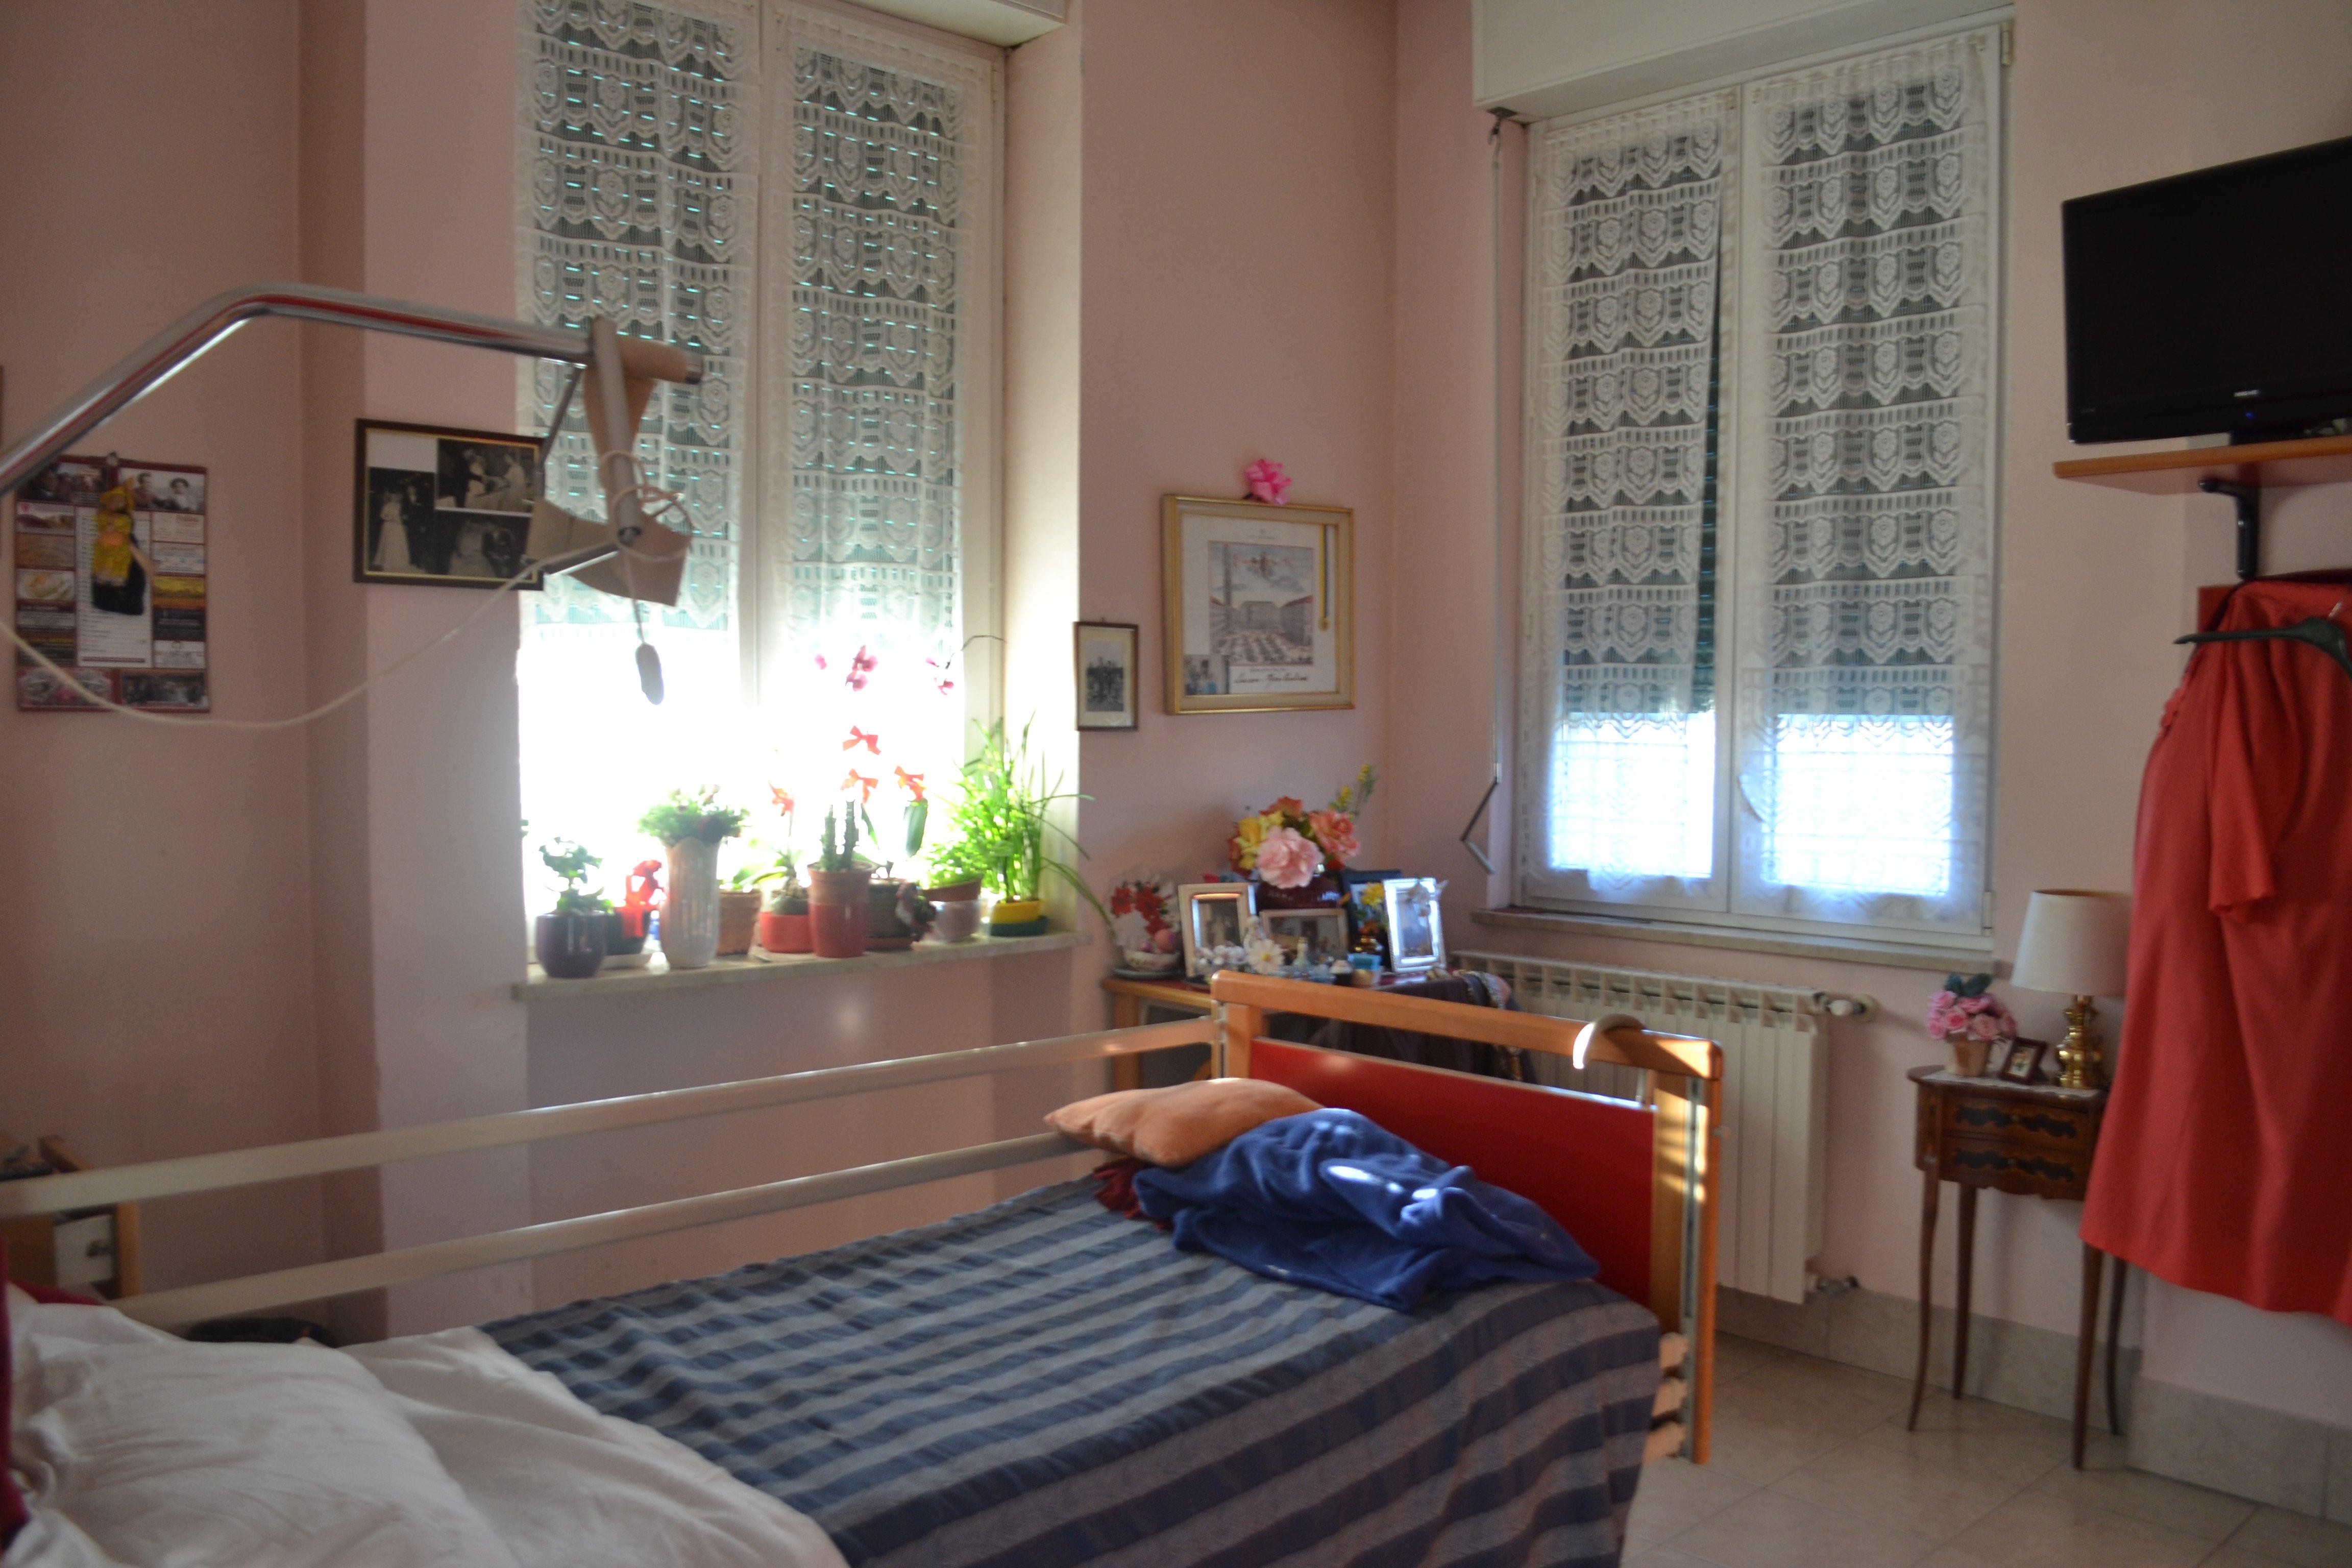 camera con letto accando a due finestre